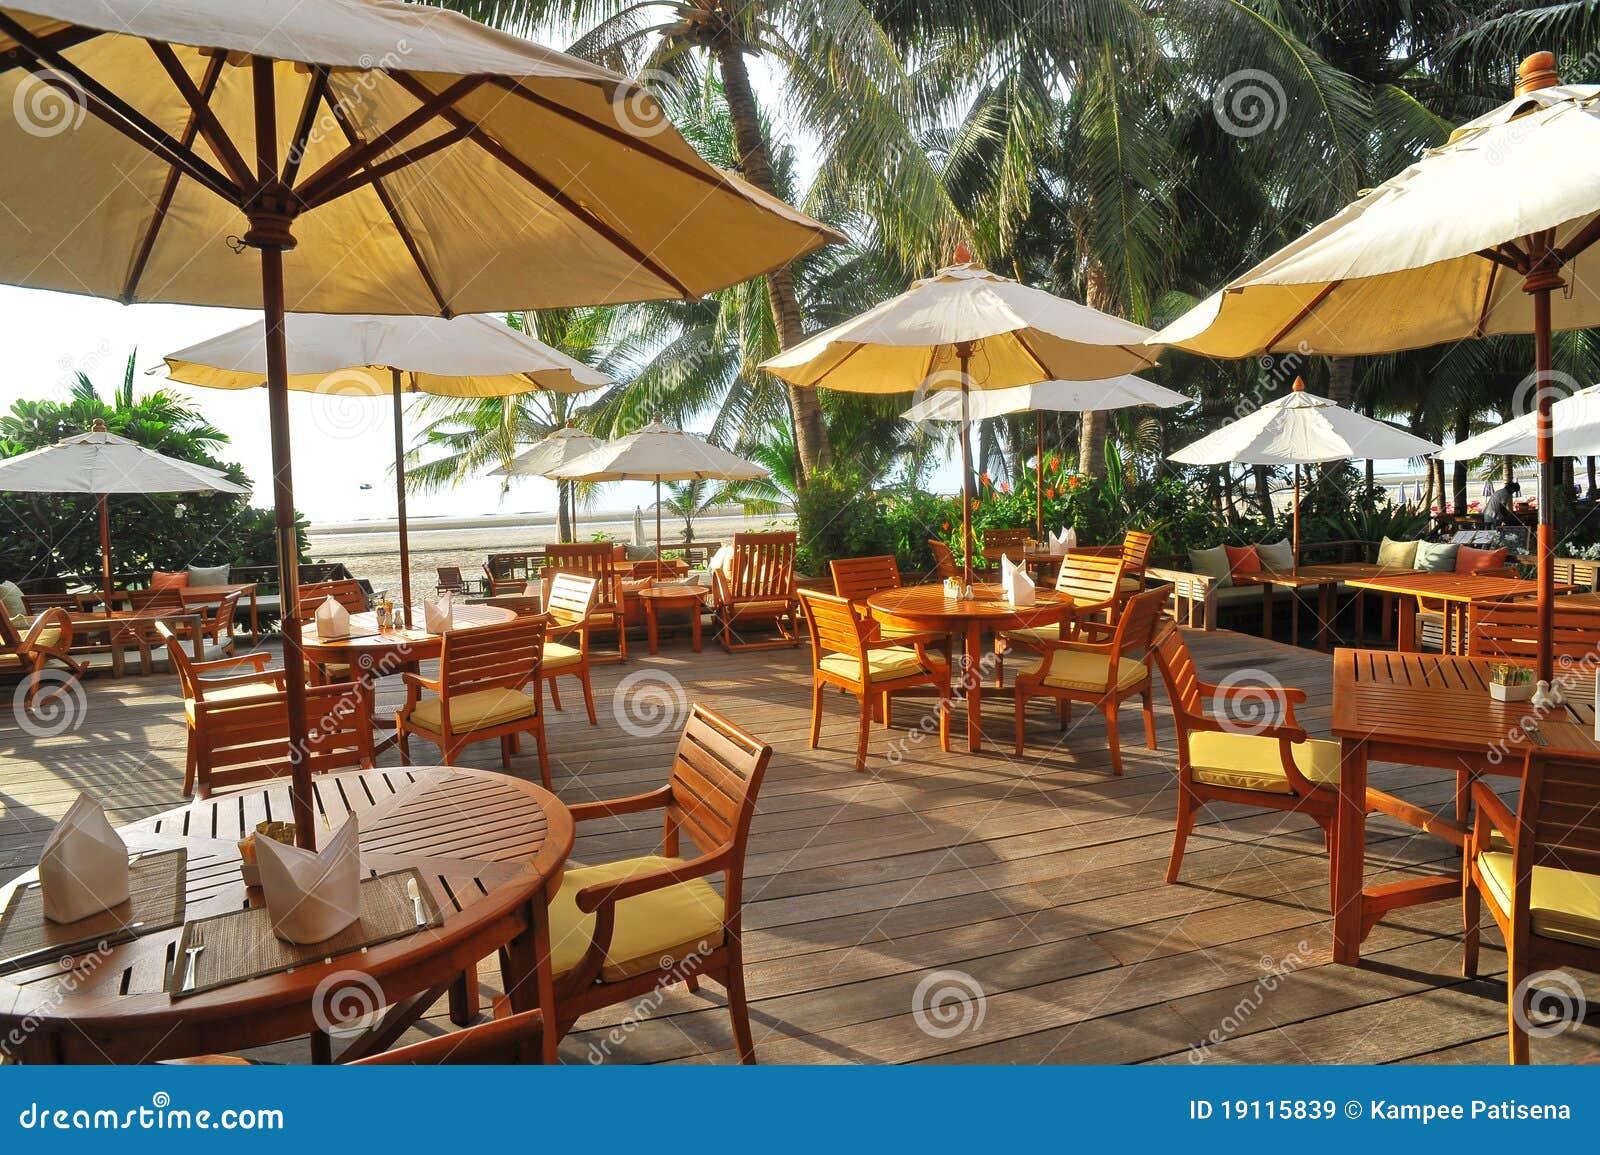 Restaurant ext rieur la plage la tha lande images for Restaurant exterieur